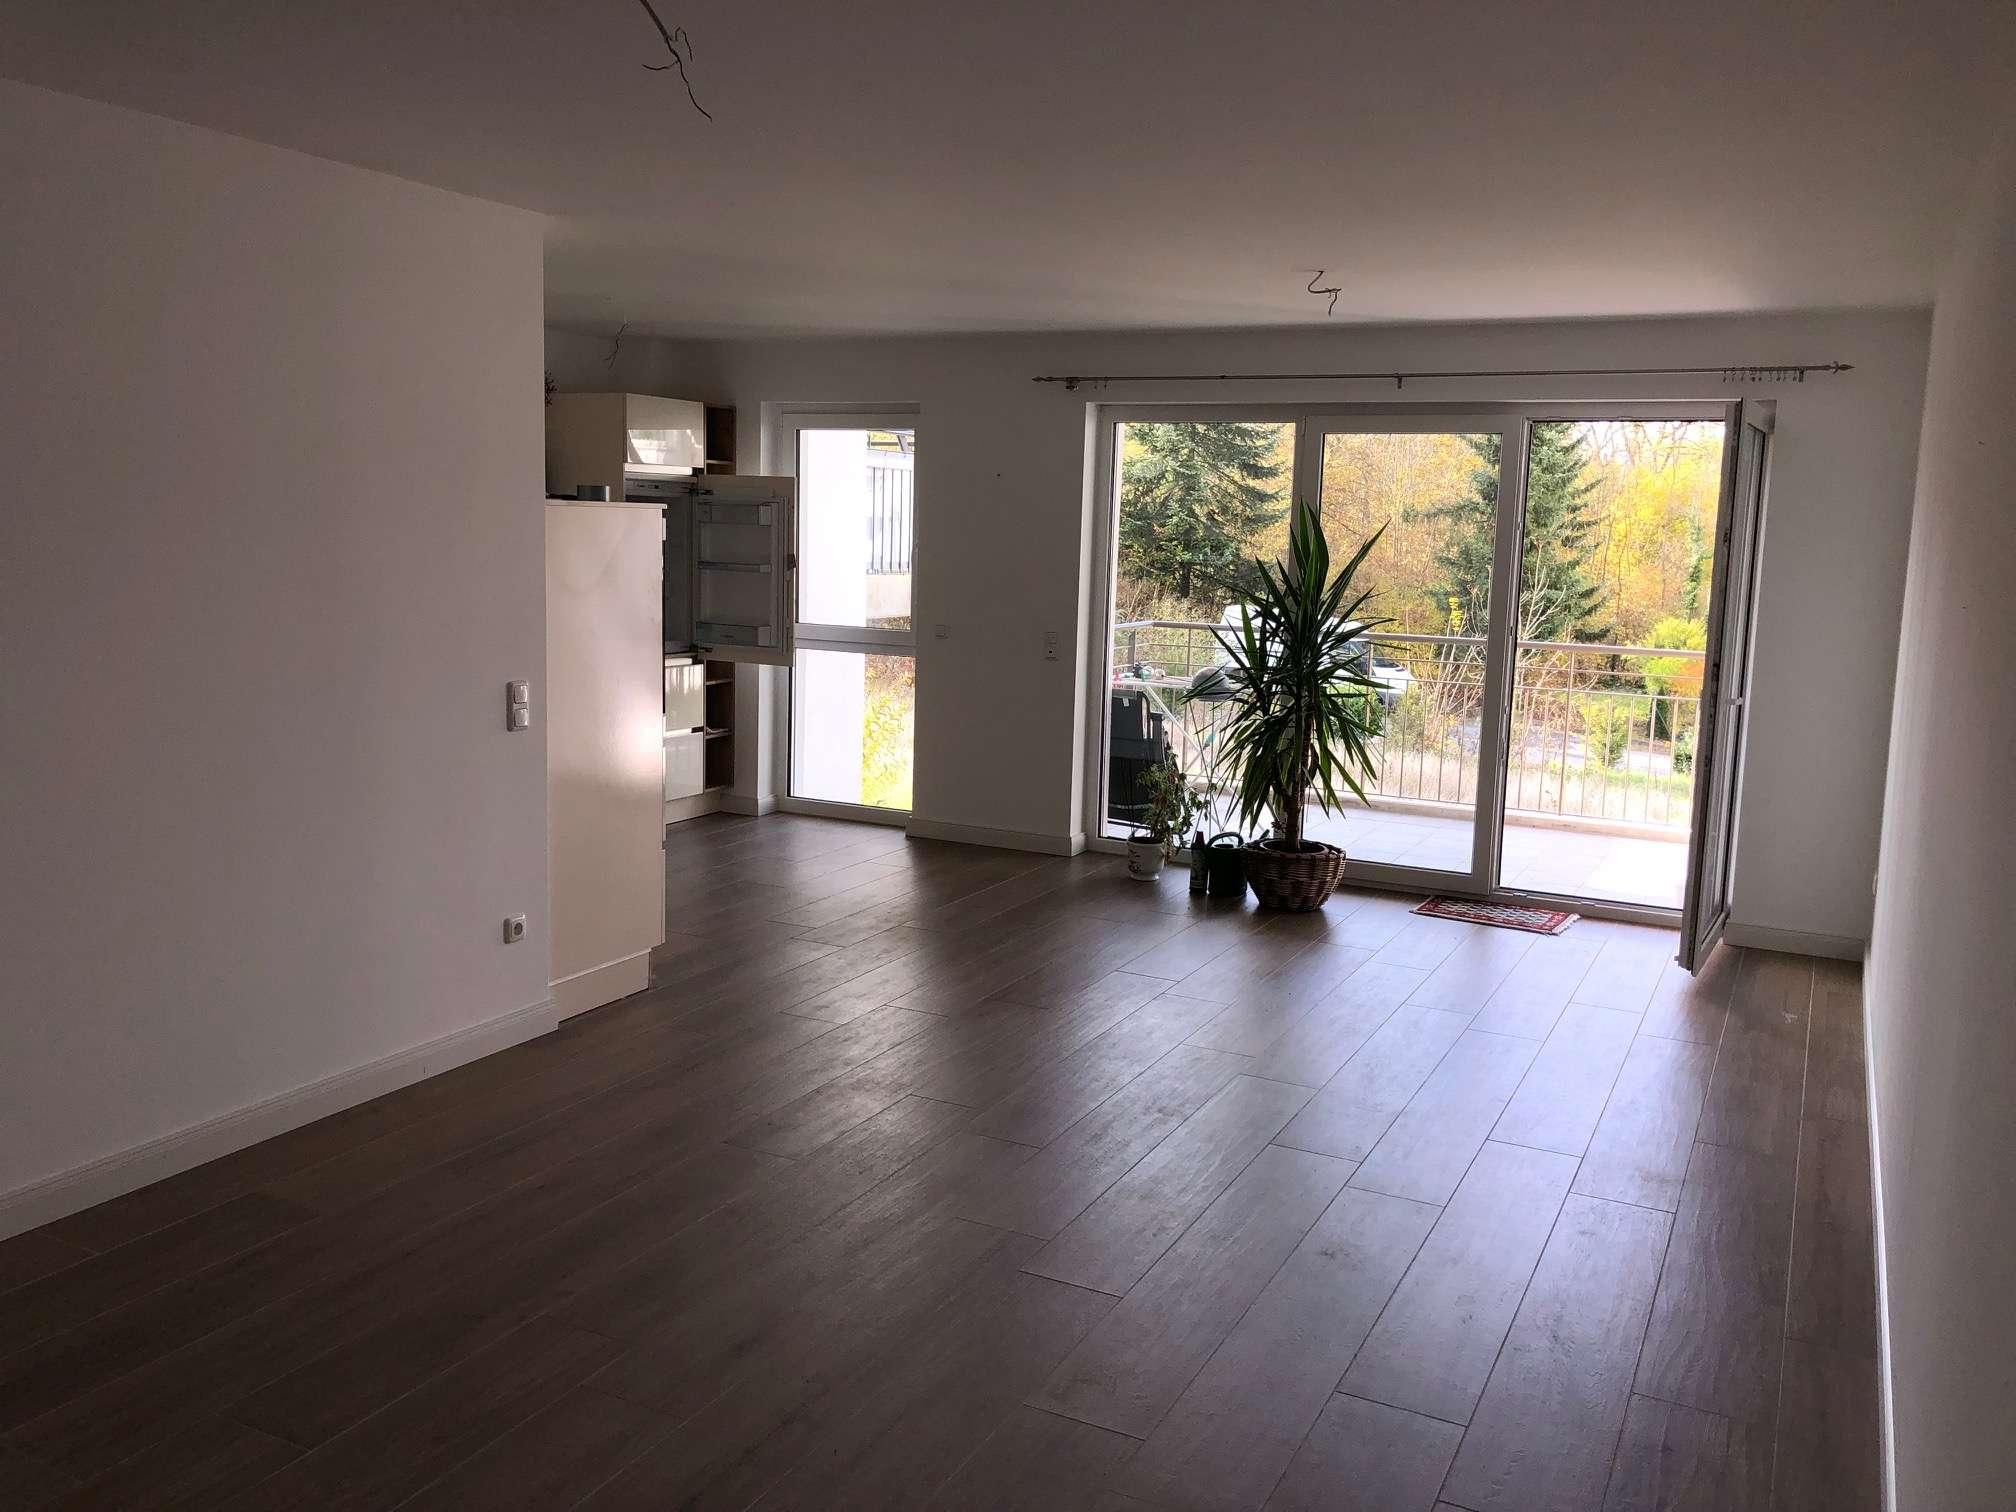 Aparte 3 - Zimmerwohnung, barrierefrei, mit Einbauküche in Bad Kissingen